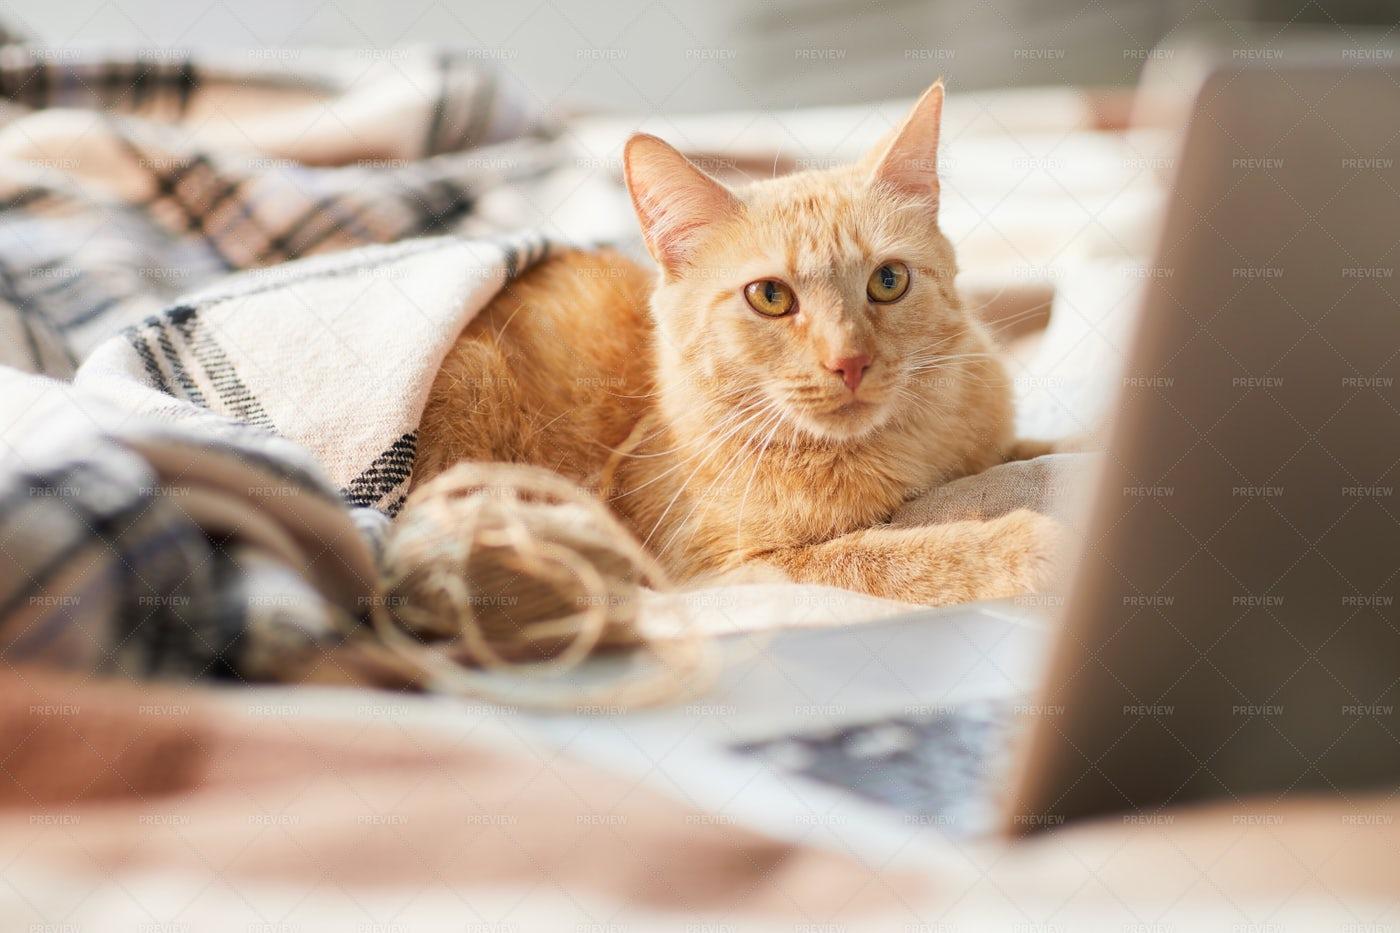 Ginger Cat Using Laptop: Stock Photos